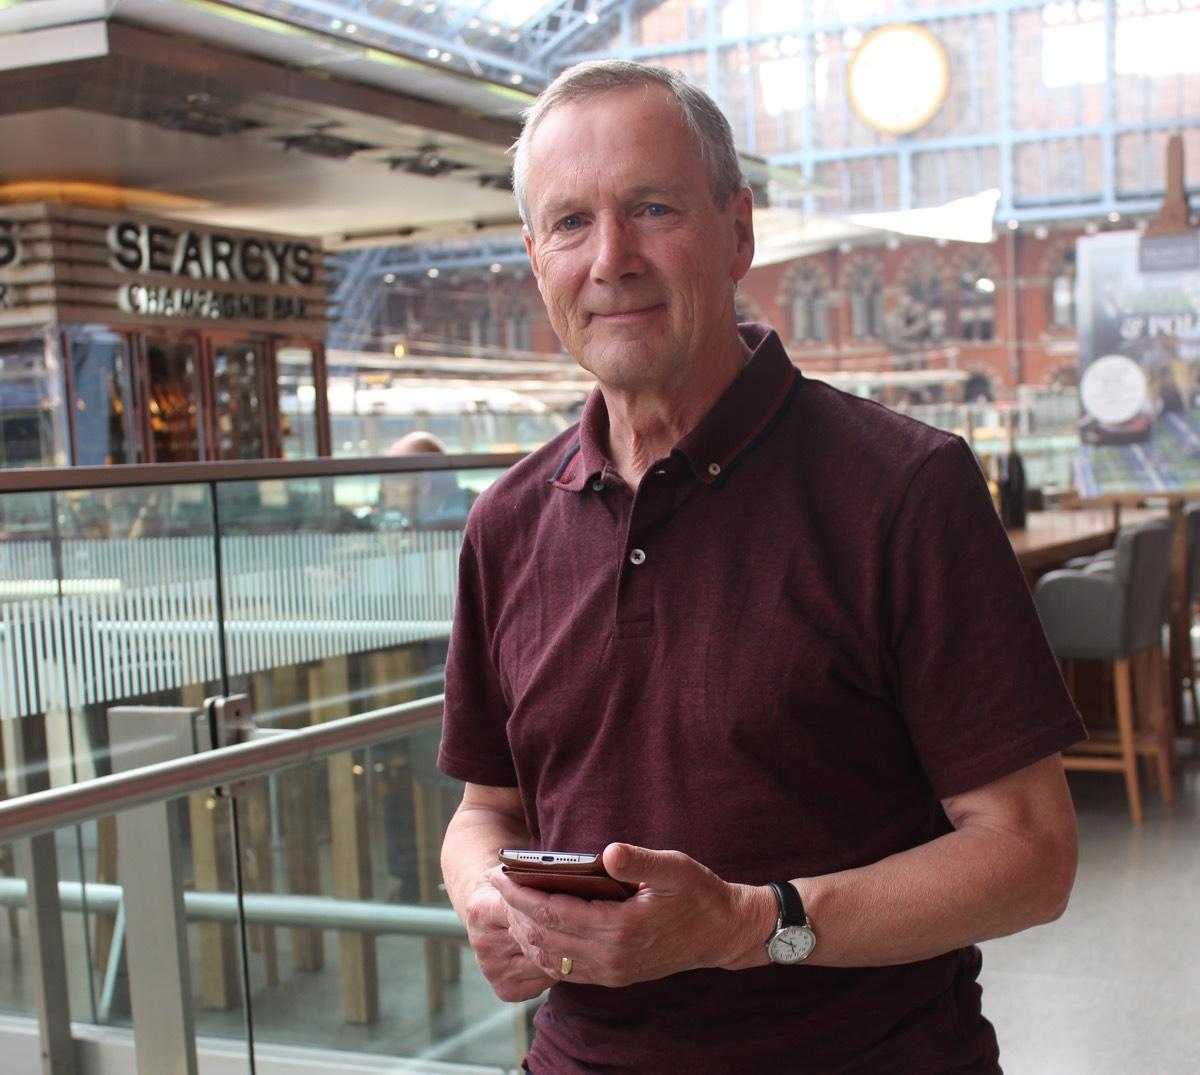 Image of John